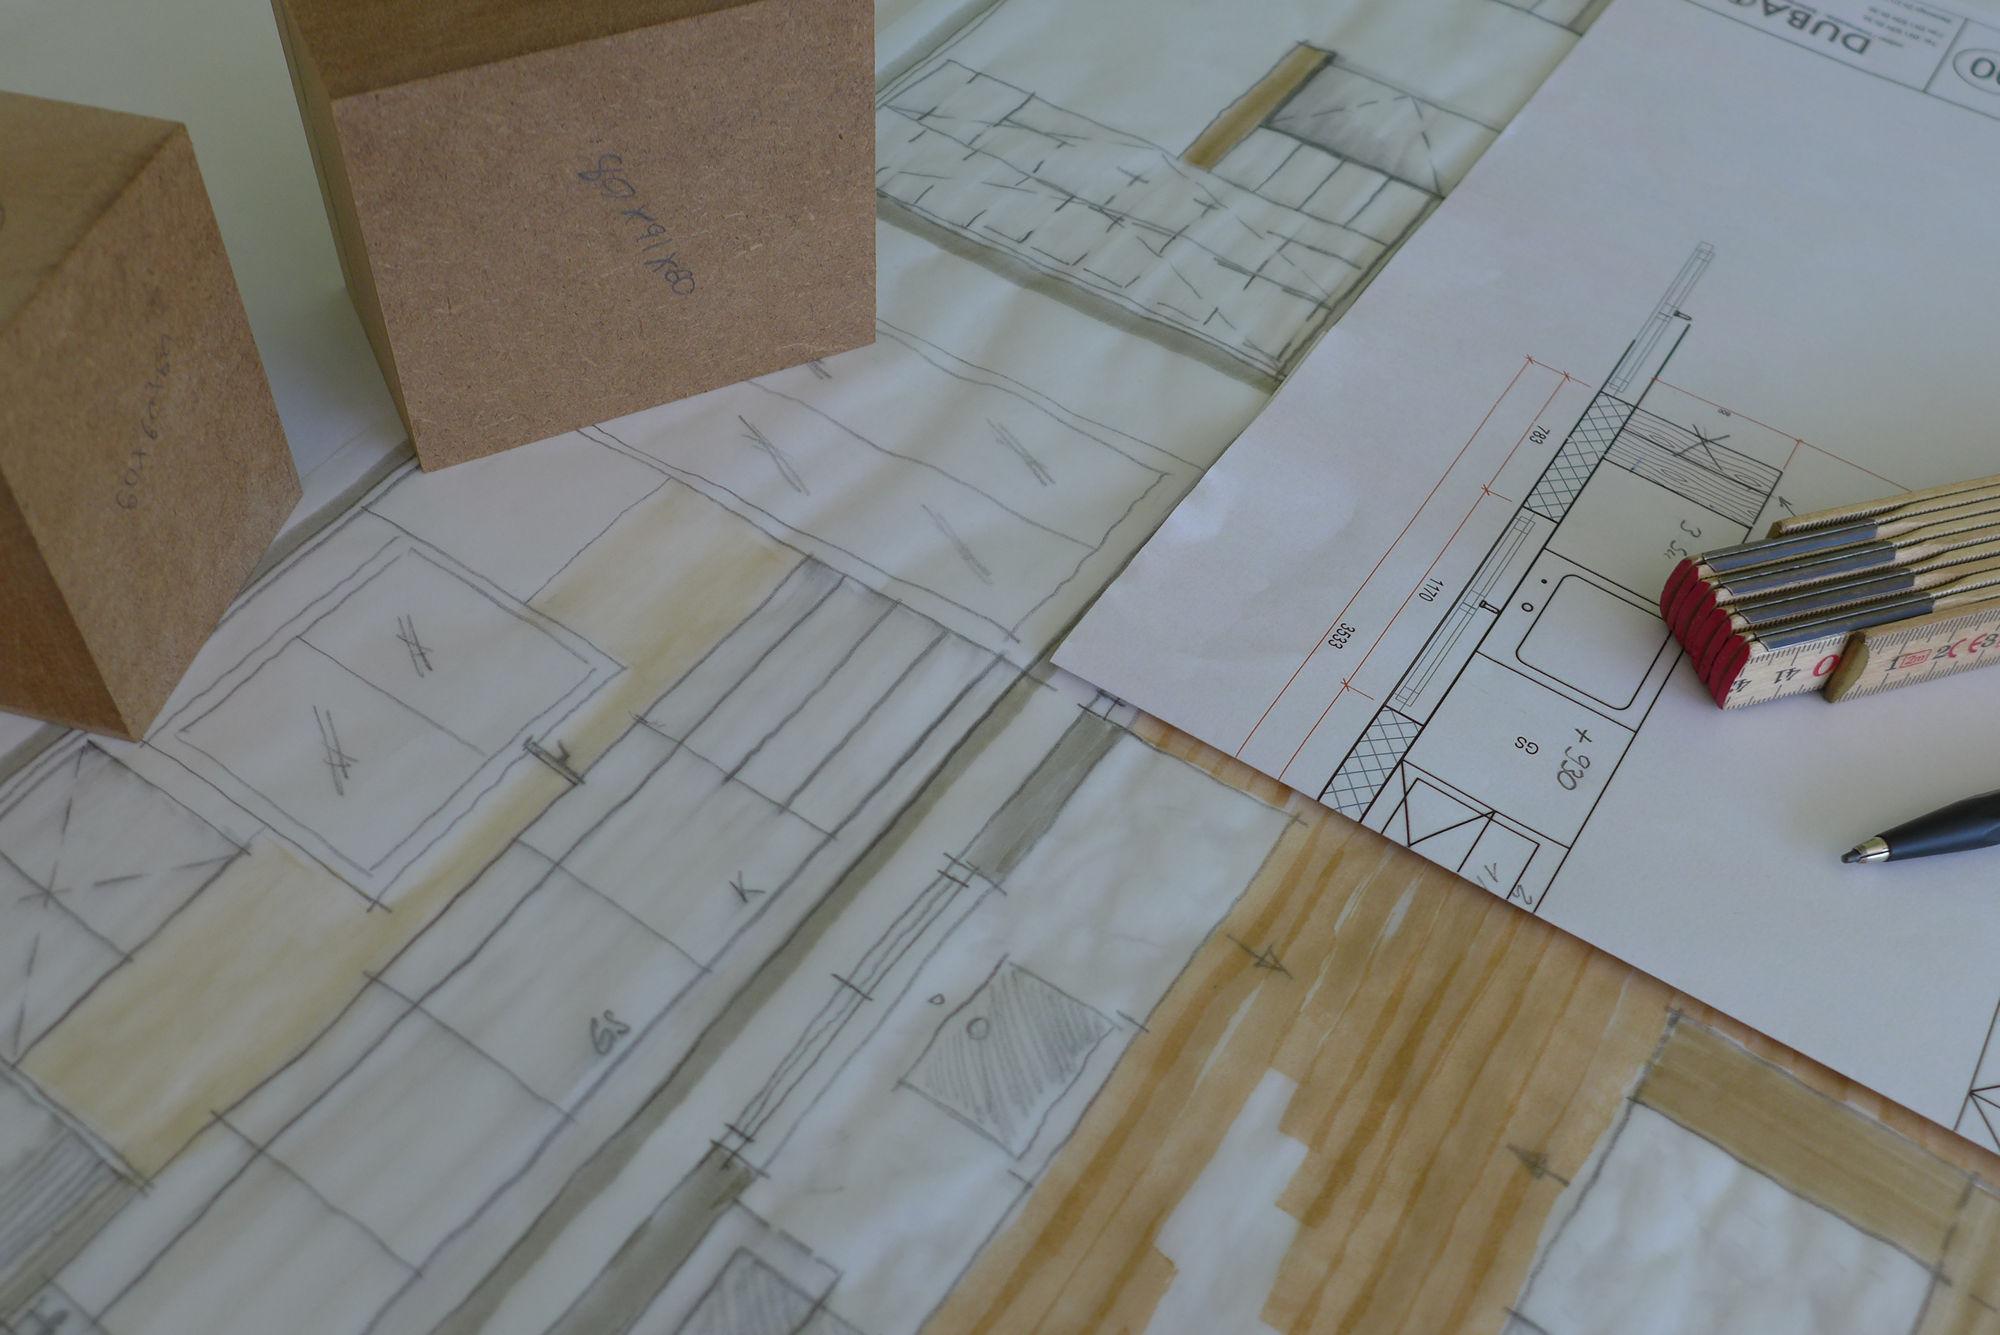 Innenarchitektur architektur f r deinen innenraum for Innenarchitektur schweiz